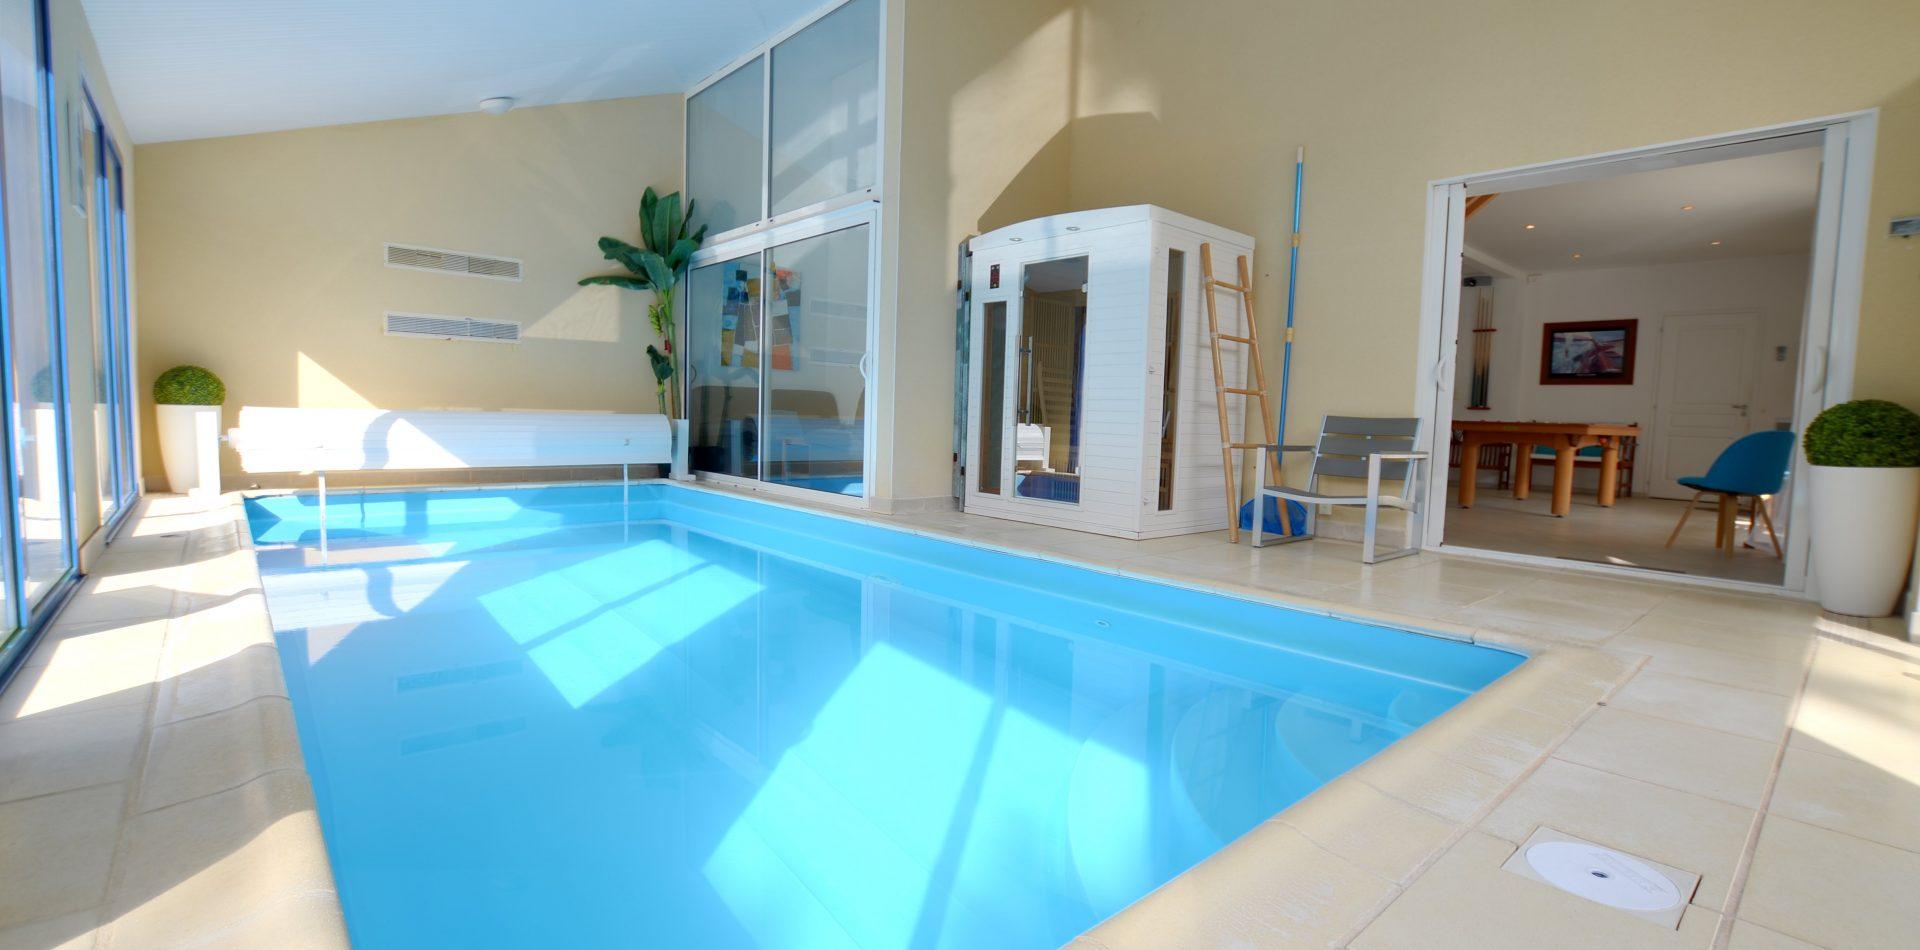 Villa Eden – Maison De Vacances***** En Vendée Avec Piscine ... tout Location Avec Piscine Couverte